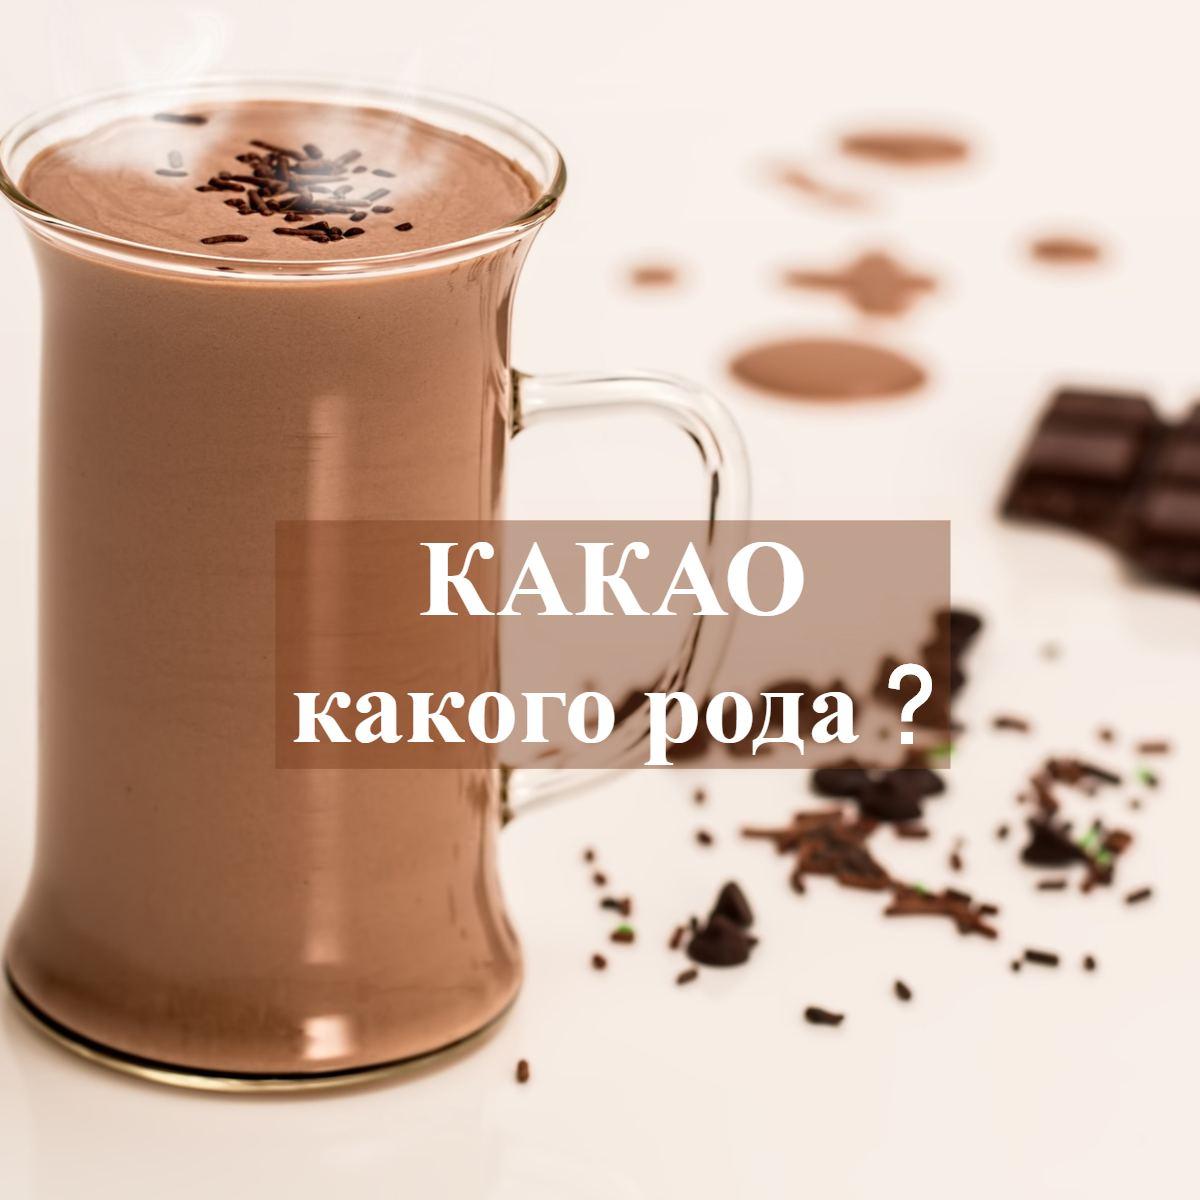 Какао какого рода